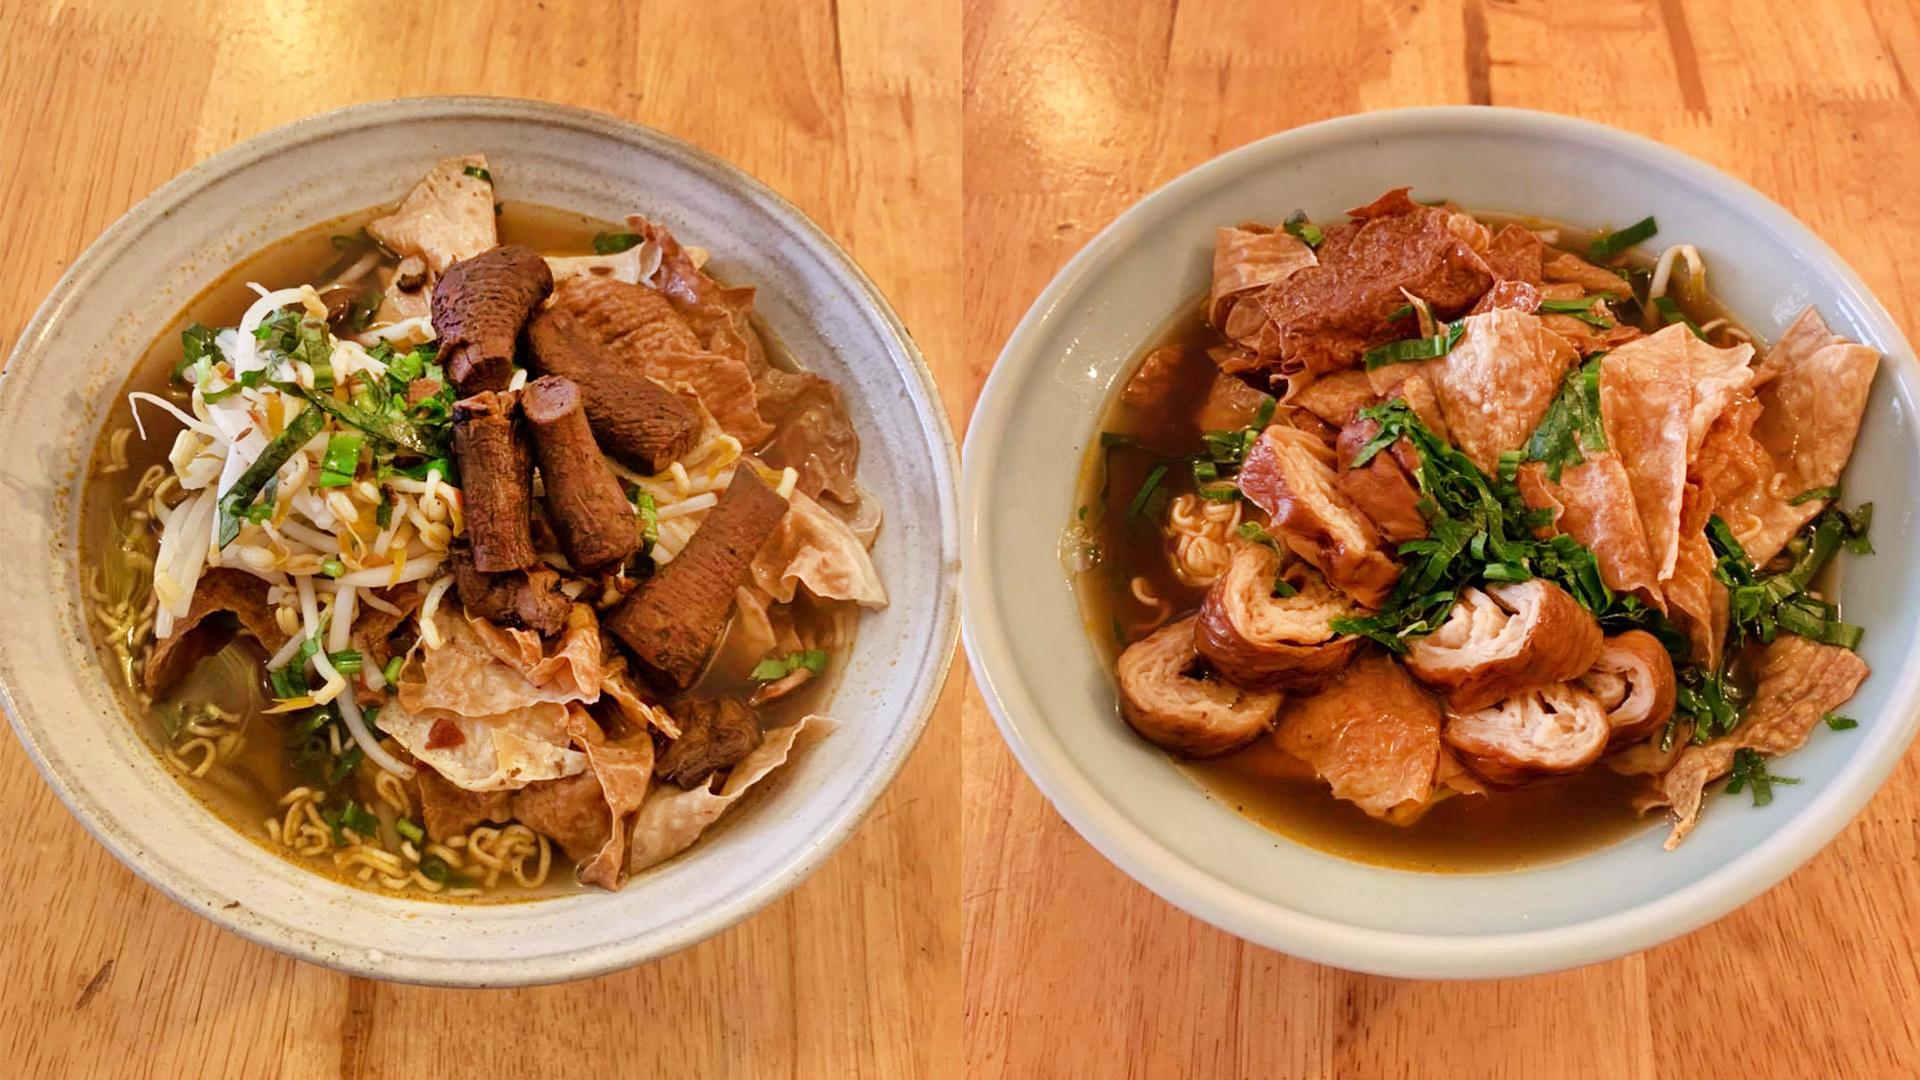 ហាងម្ហូបបួស ស៊ុនអ៊ីស៊ីសុវត្ថិ - SURN YI Vegetarian Restaurant